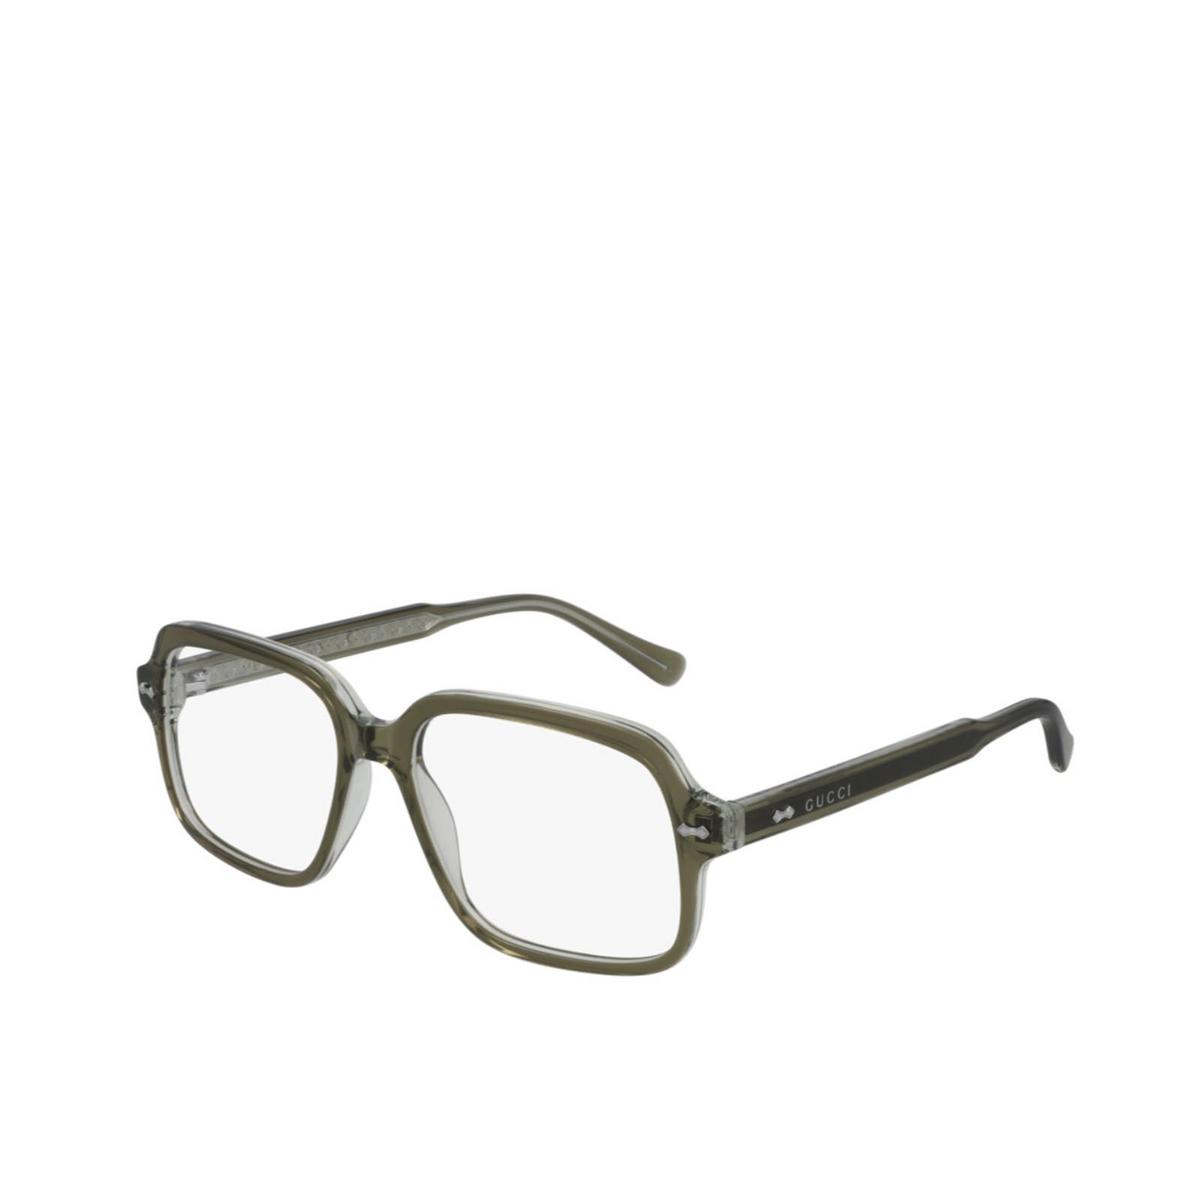 Gucci® Square Eyeglasses: GG0913O color Transparent Green 002 - three-quarters view.